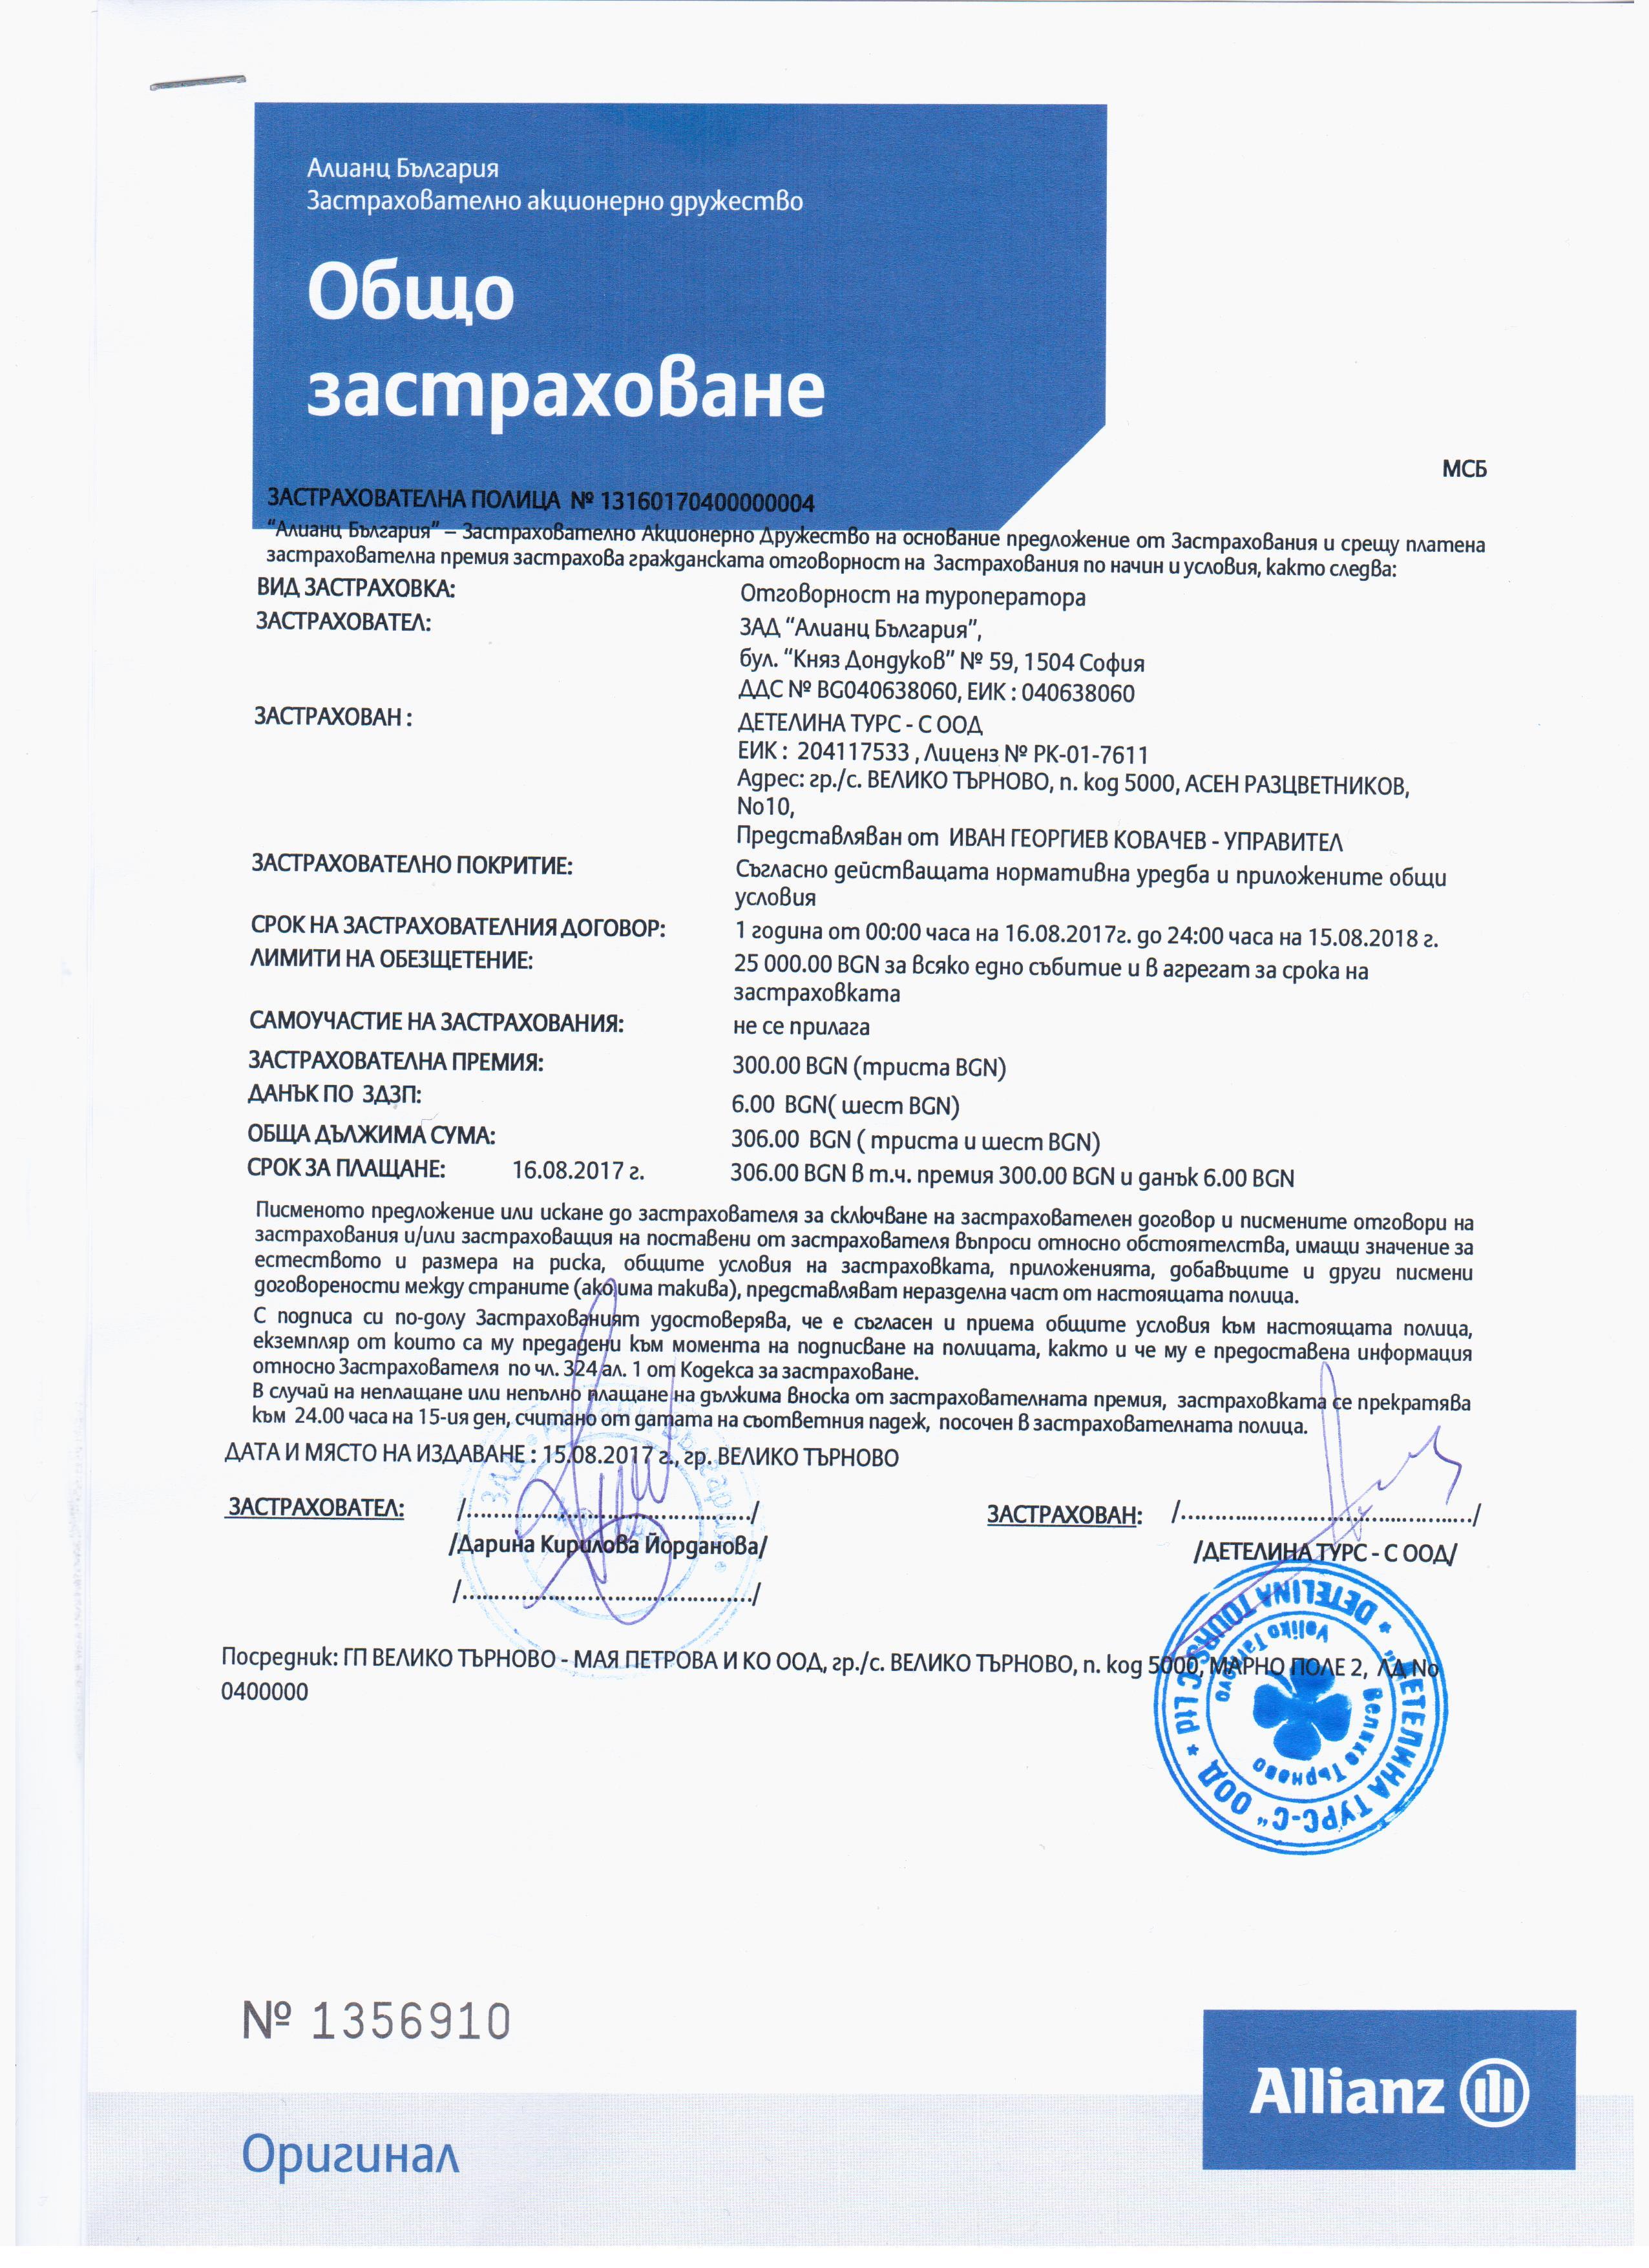 1.Z.Polica do 15.08.2018